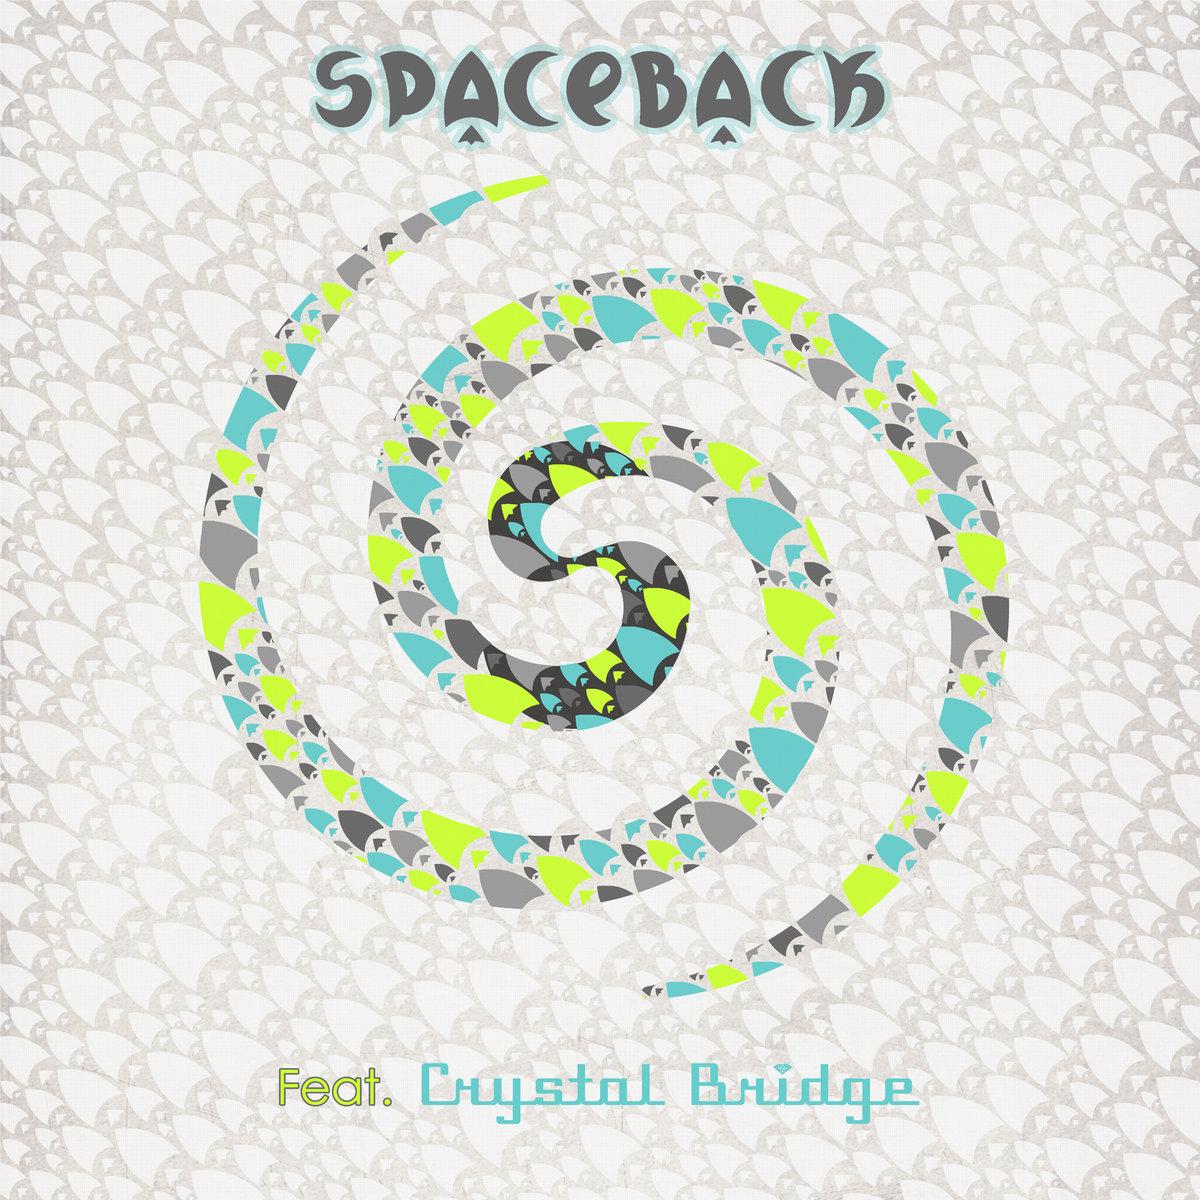 SpaceBack.